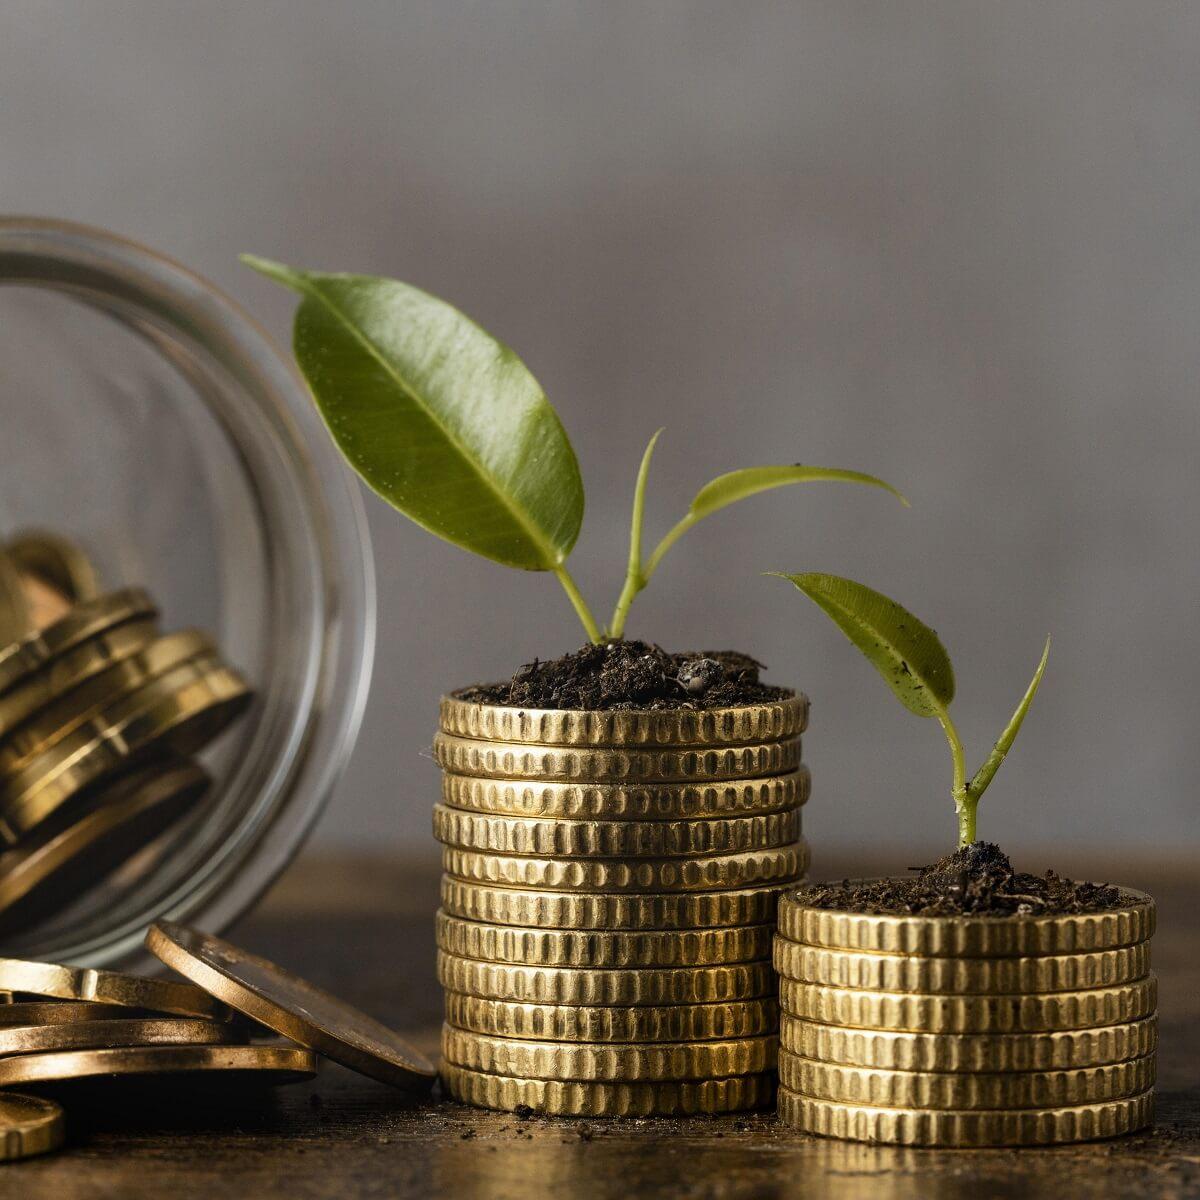 資産が育っていく様子。積み上げたお金の上に芽が出ている様子。